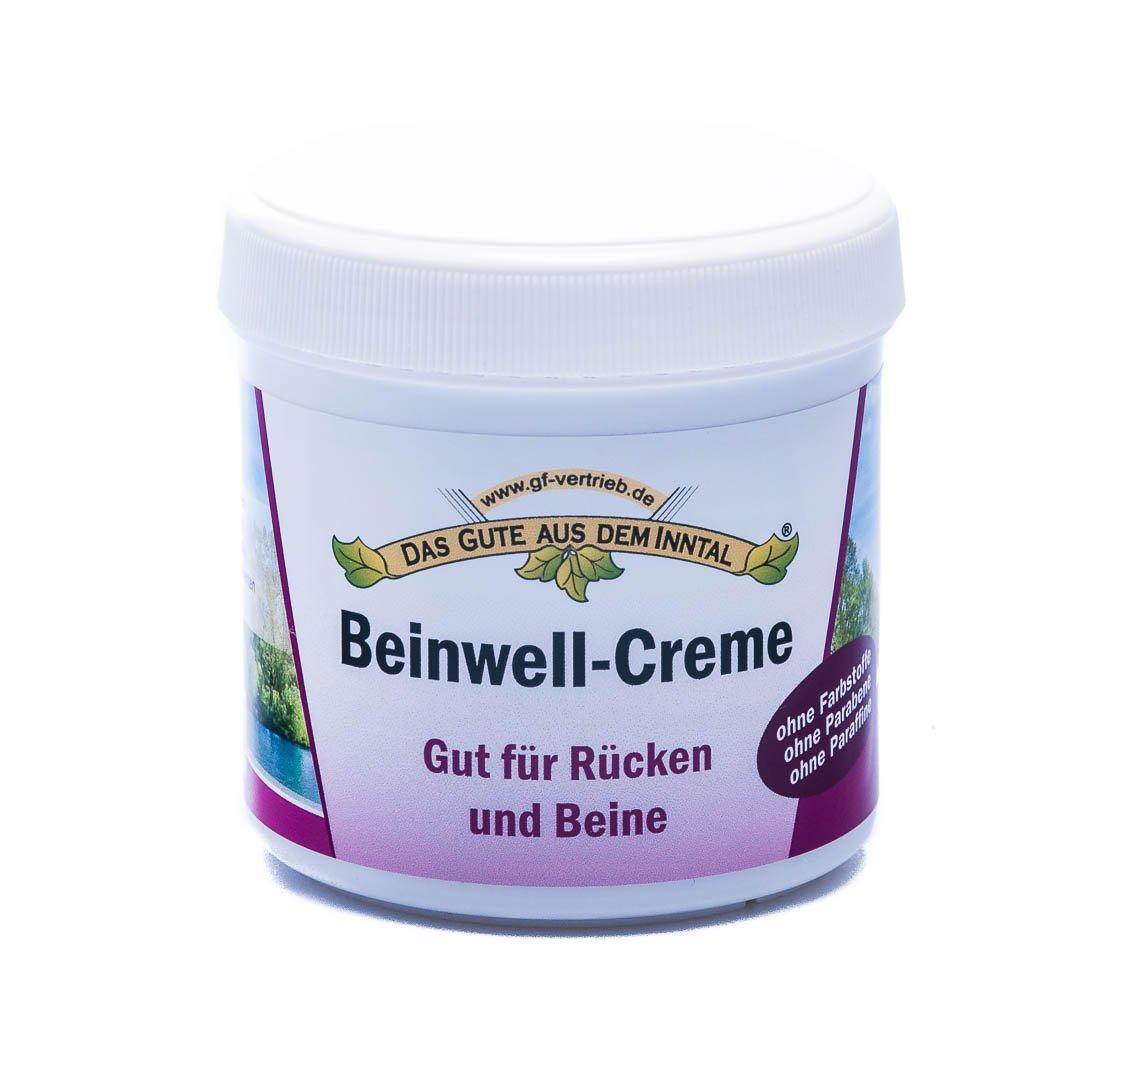 Beinwell-Creme 200ml - IT Inntaler Naturprodukte